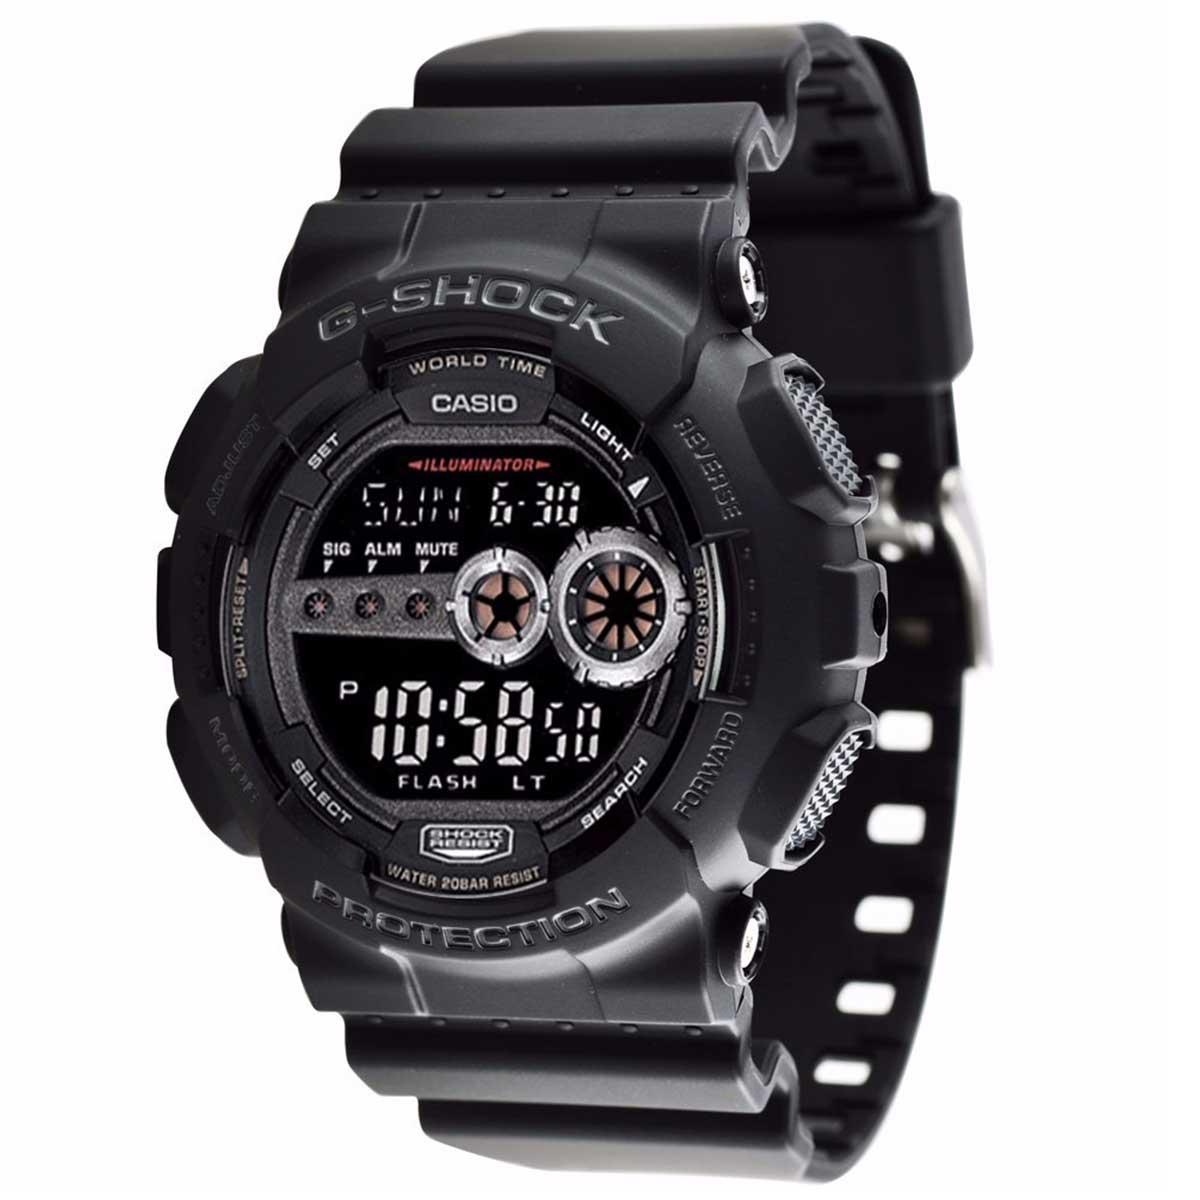 Relógio Casio G-Shock Digital Pulseira Camuflada GD-100-1BDR